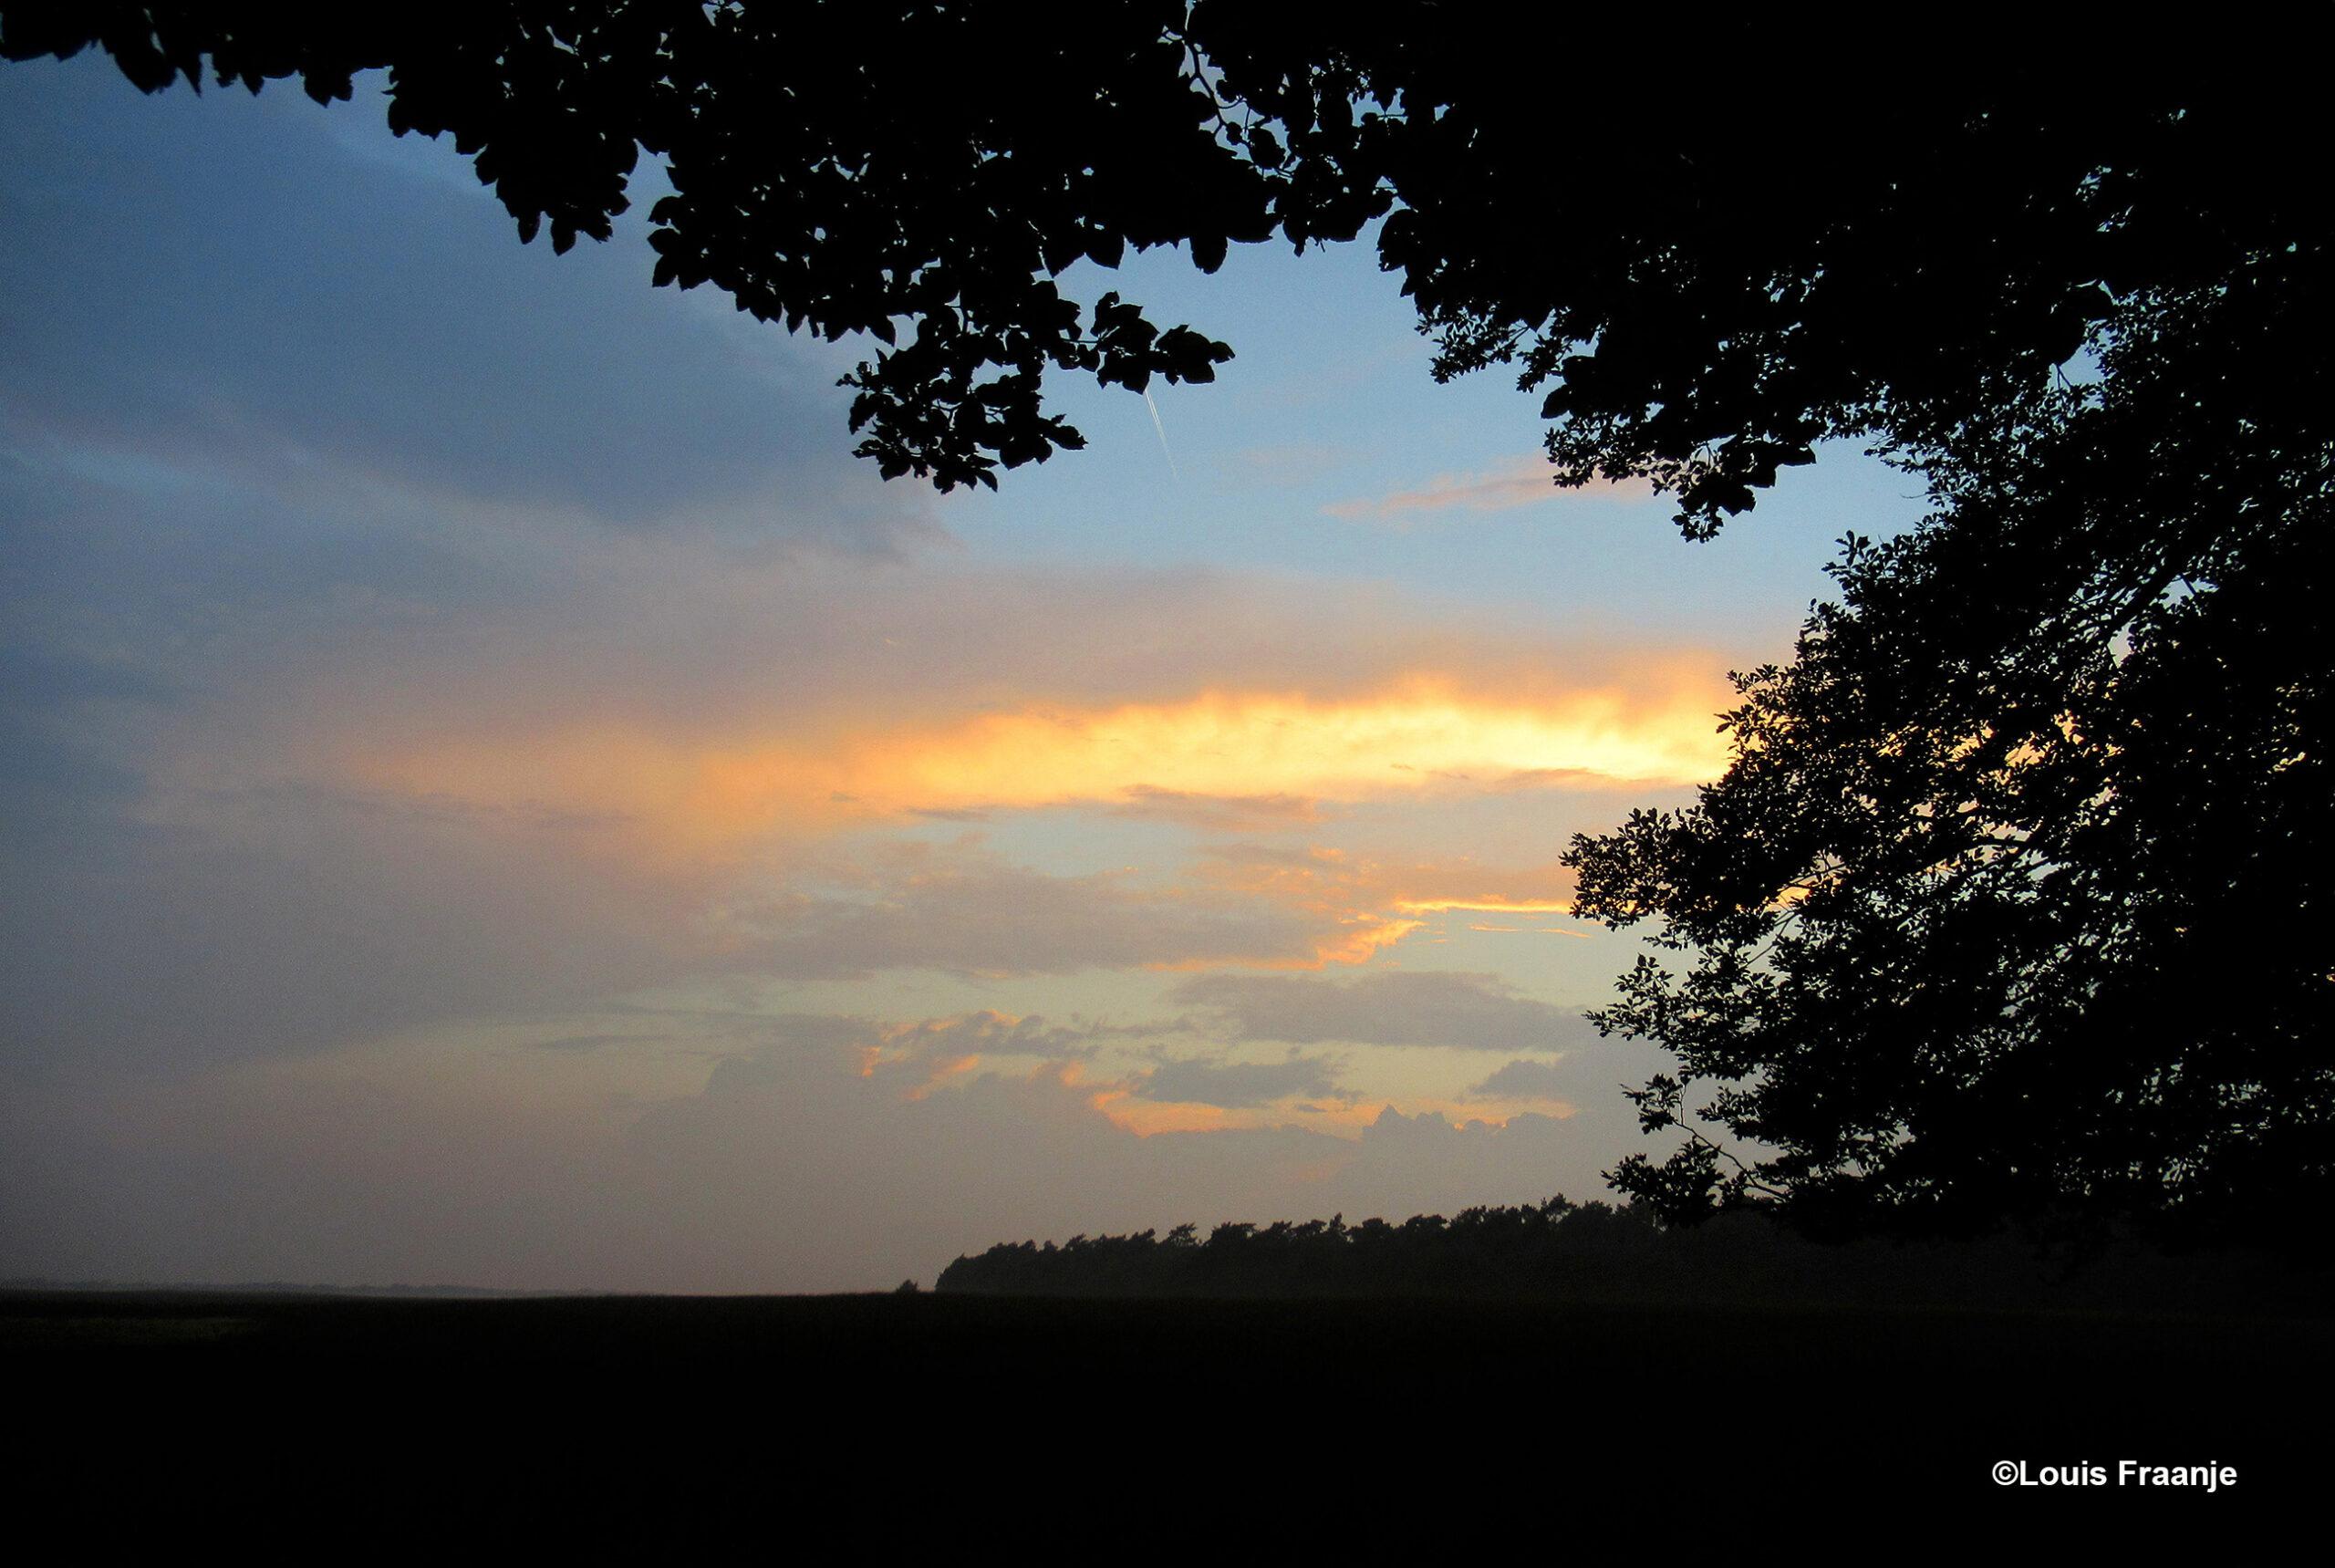 Een kleurrijke avondhemel boven bos en veld op de Hoge Veluwe - Foto: ©Louis Fraanje